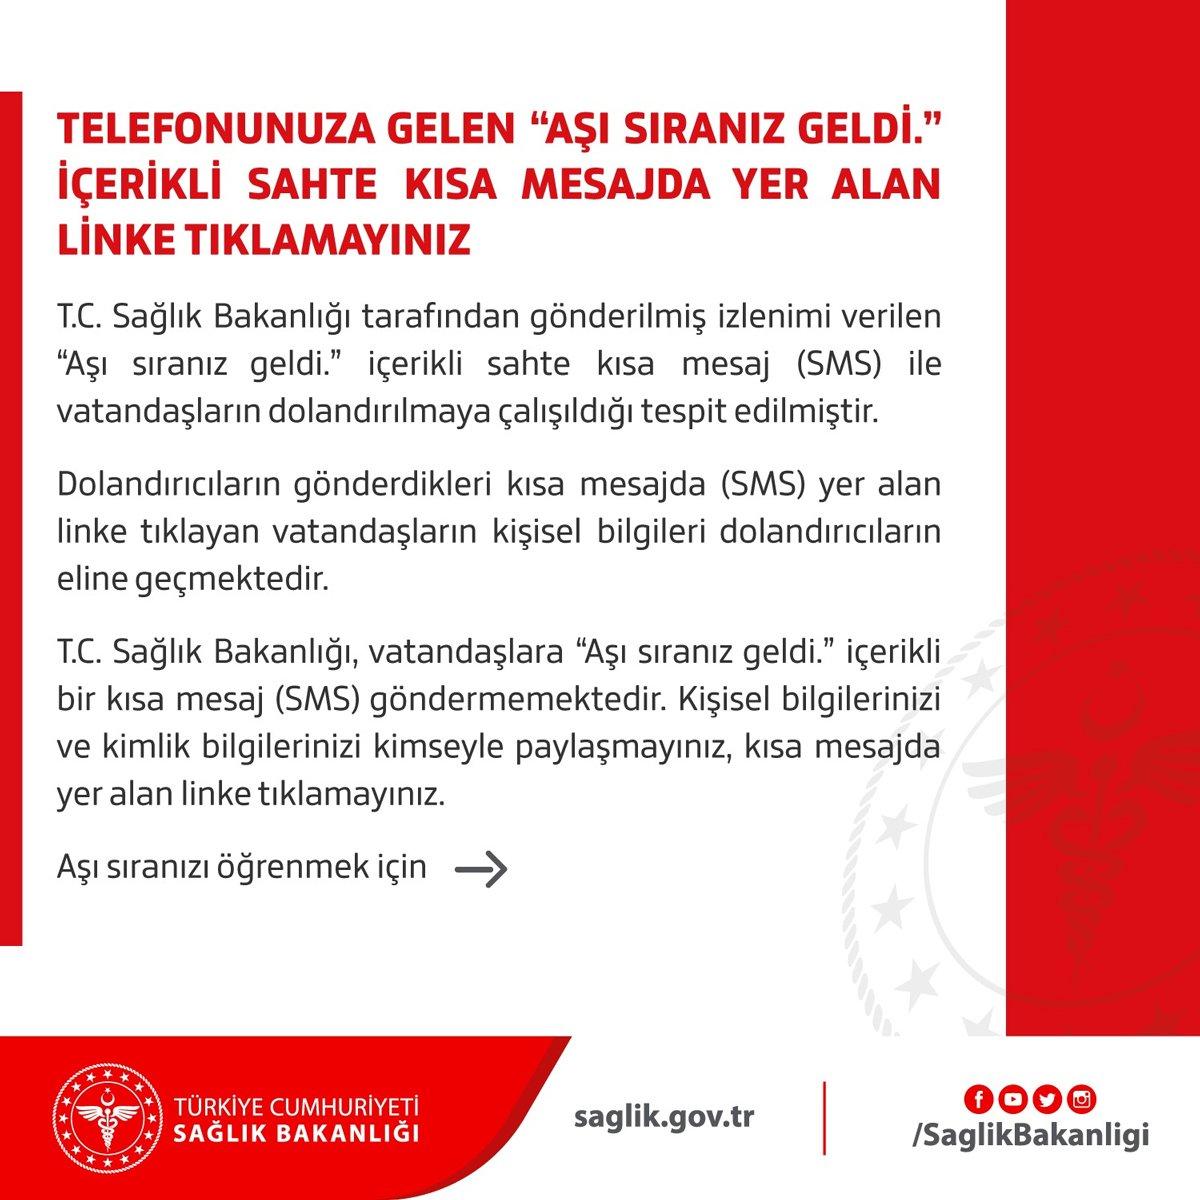 Sağlık Bakanlığı'ndan 'aşı sıranız geldi' mesajlarına karşı uyarı